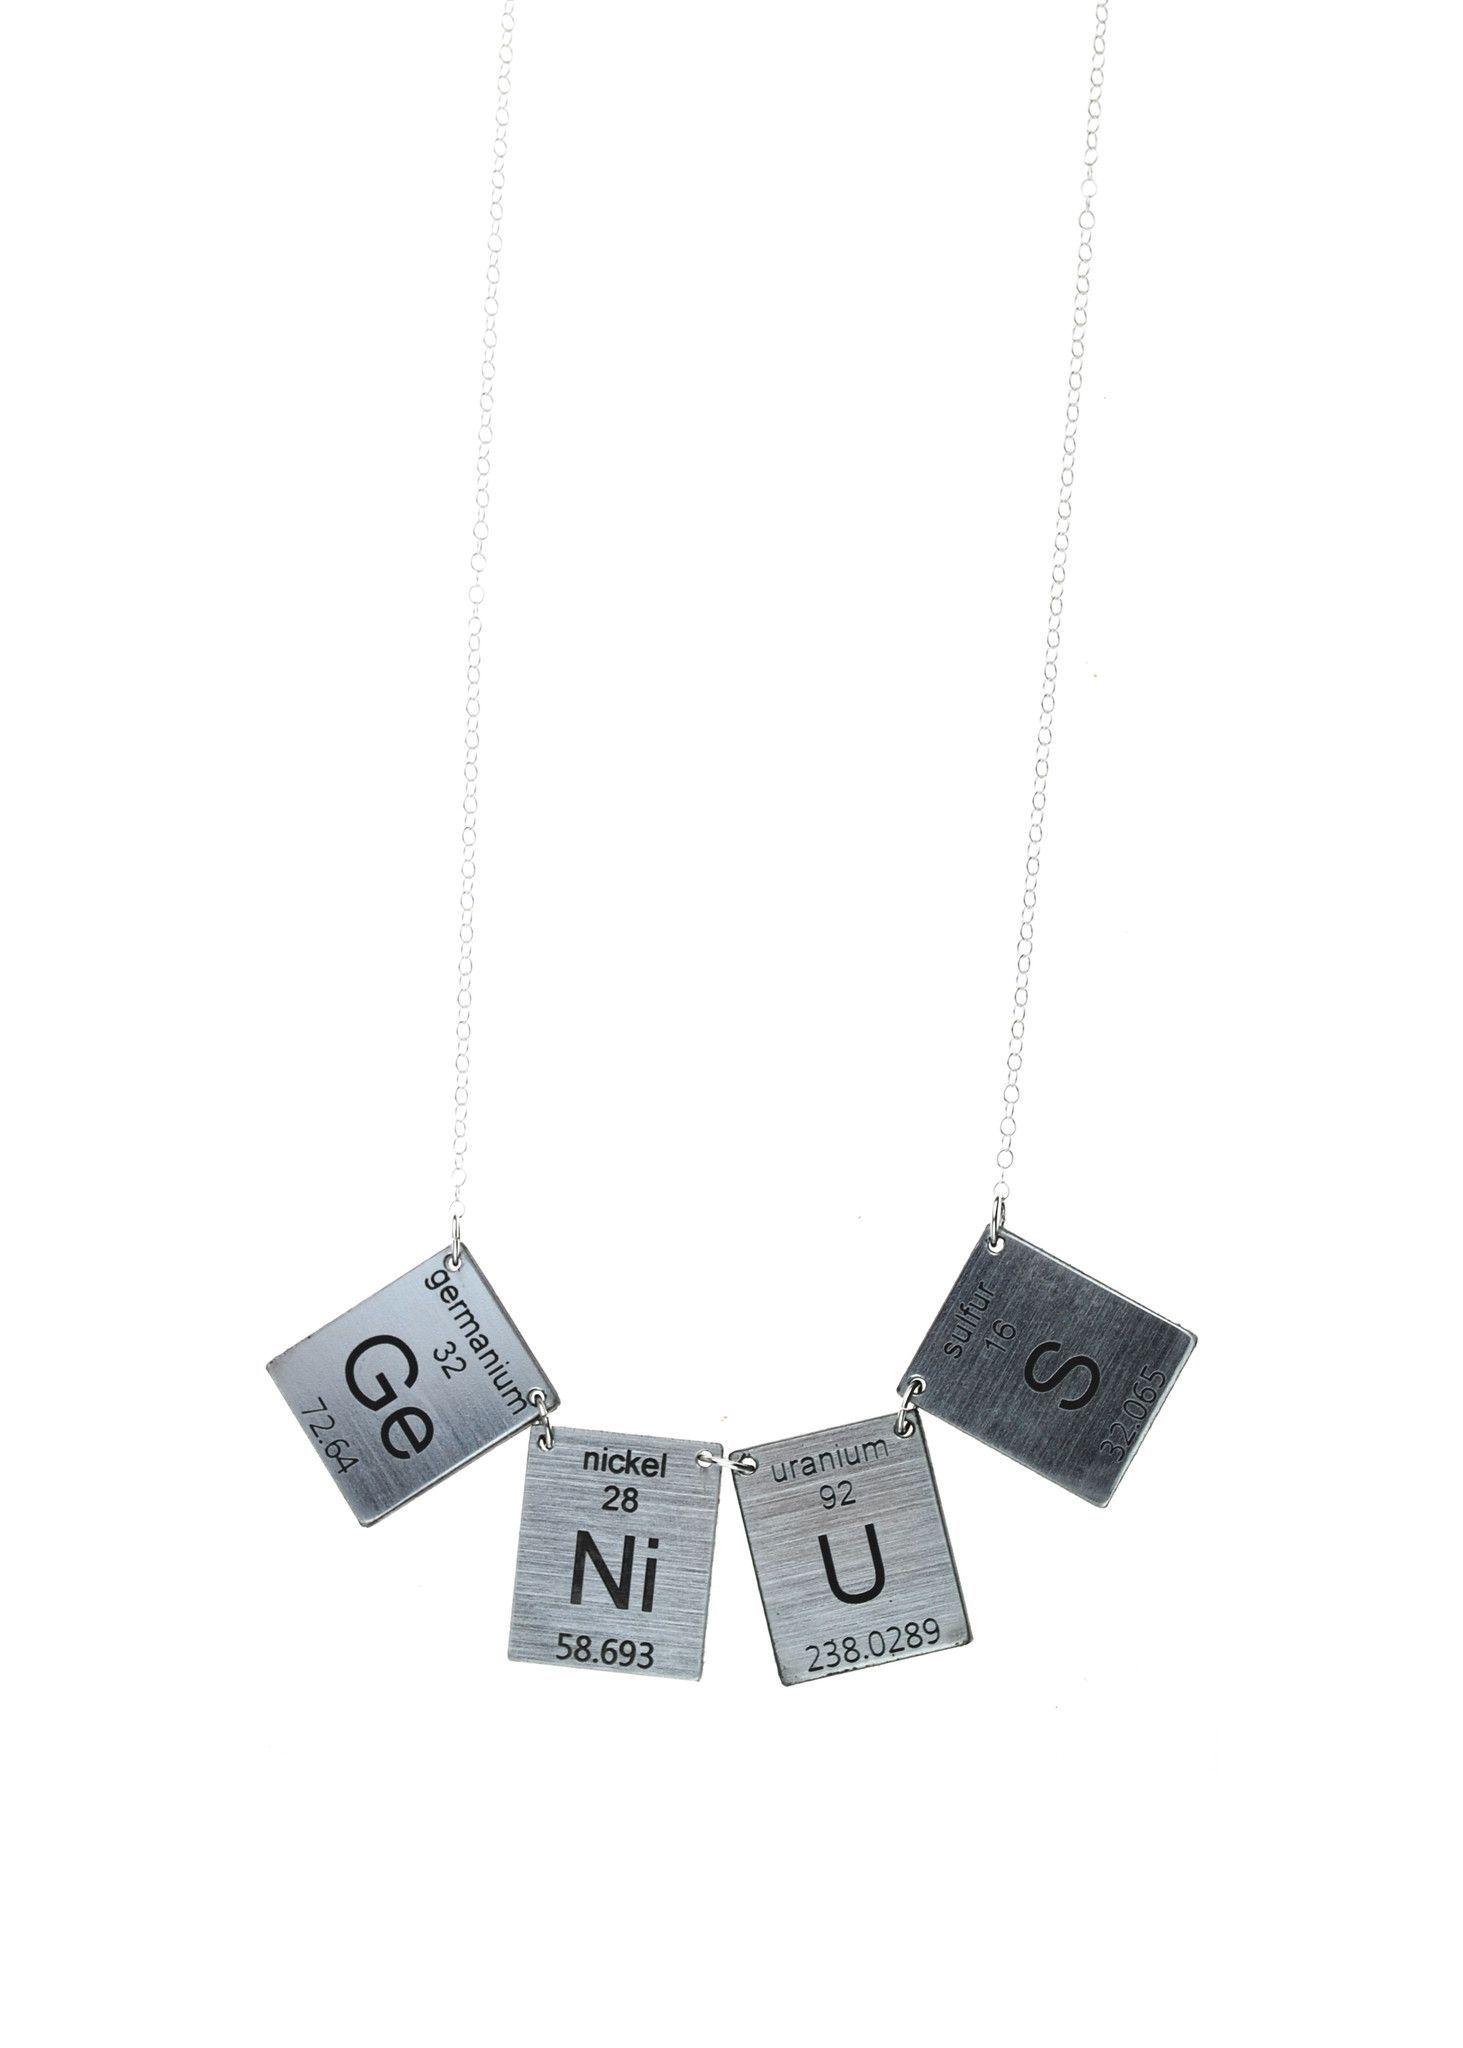 Genius Elements Necklace in Silver/Black